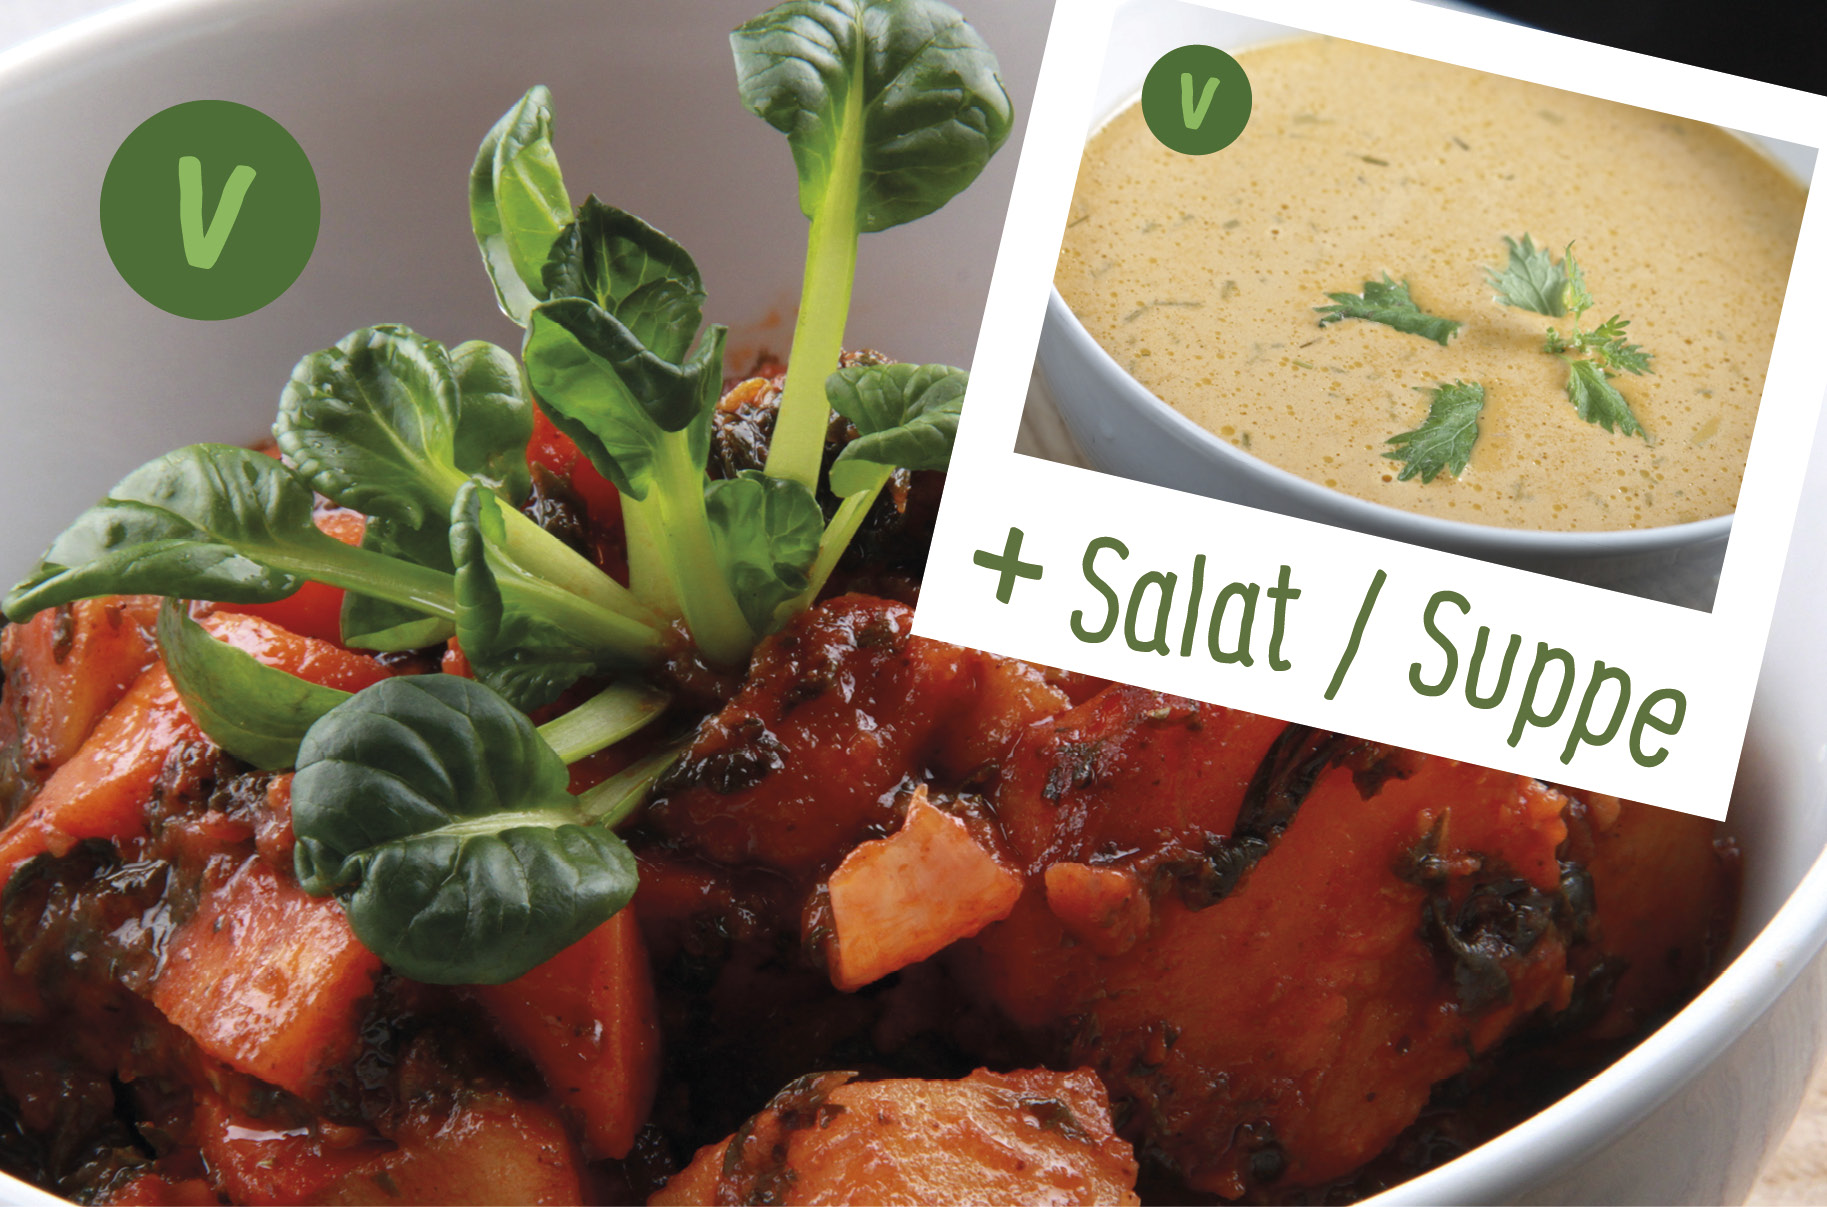 rita bringt 39 s afrikanischer s kartoffel schmortopf mit spinat suppe oder salat. Black Bedroom Furniture Sets. Home Design Ideas